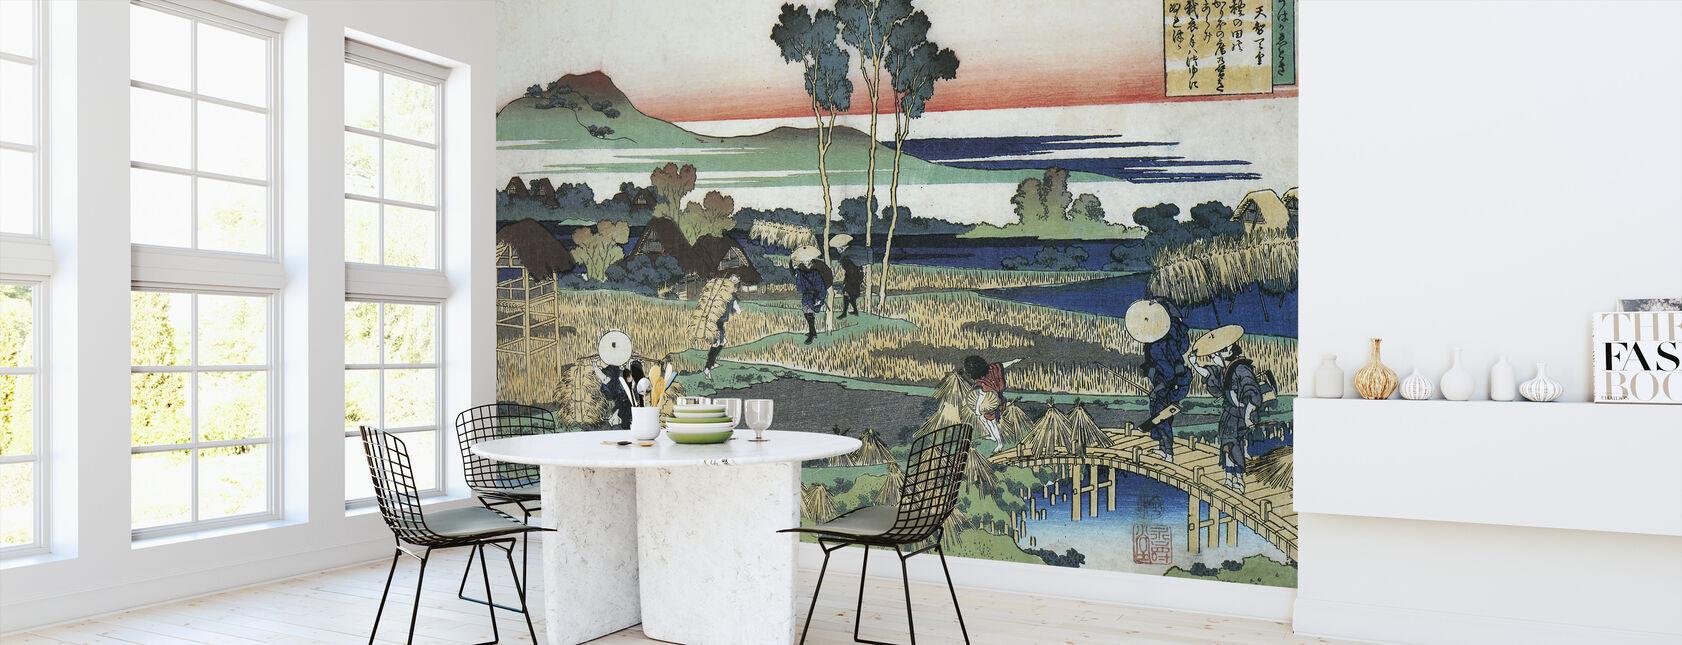 Peasants in Autumn - Katsushika Hokusai - Wallpaper - Kitchen